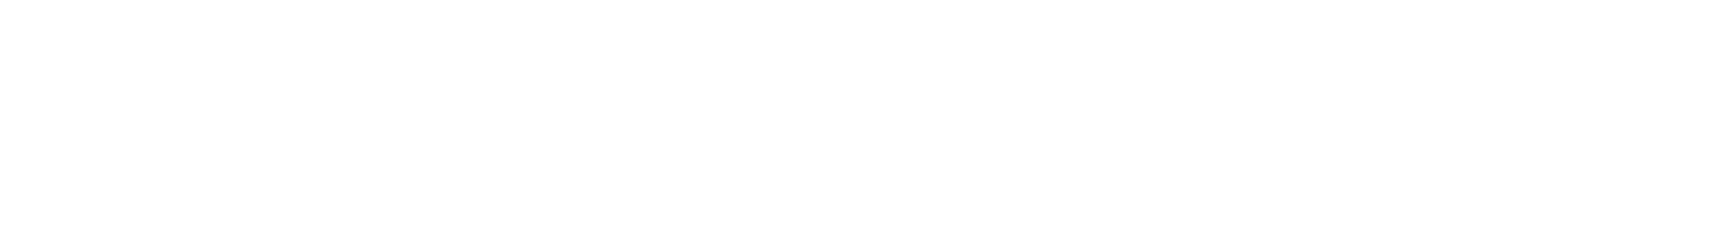 uw-medicine-logo.png